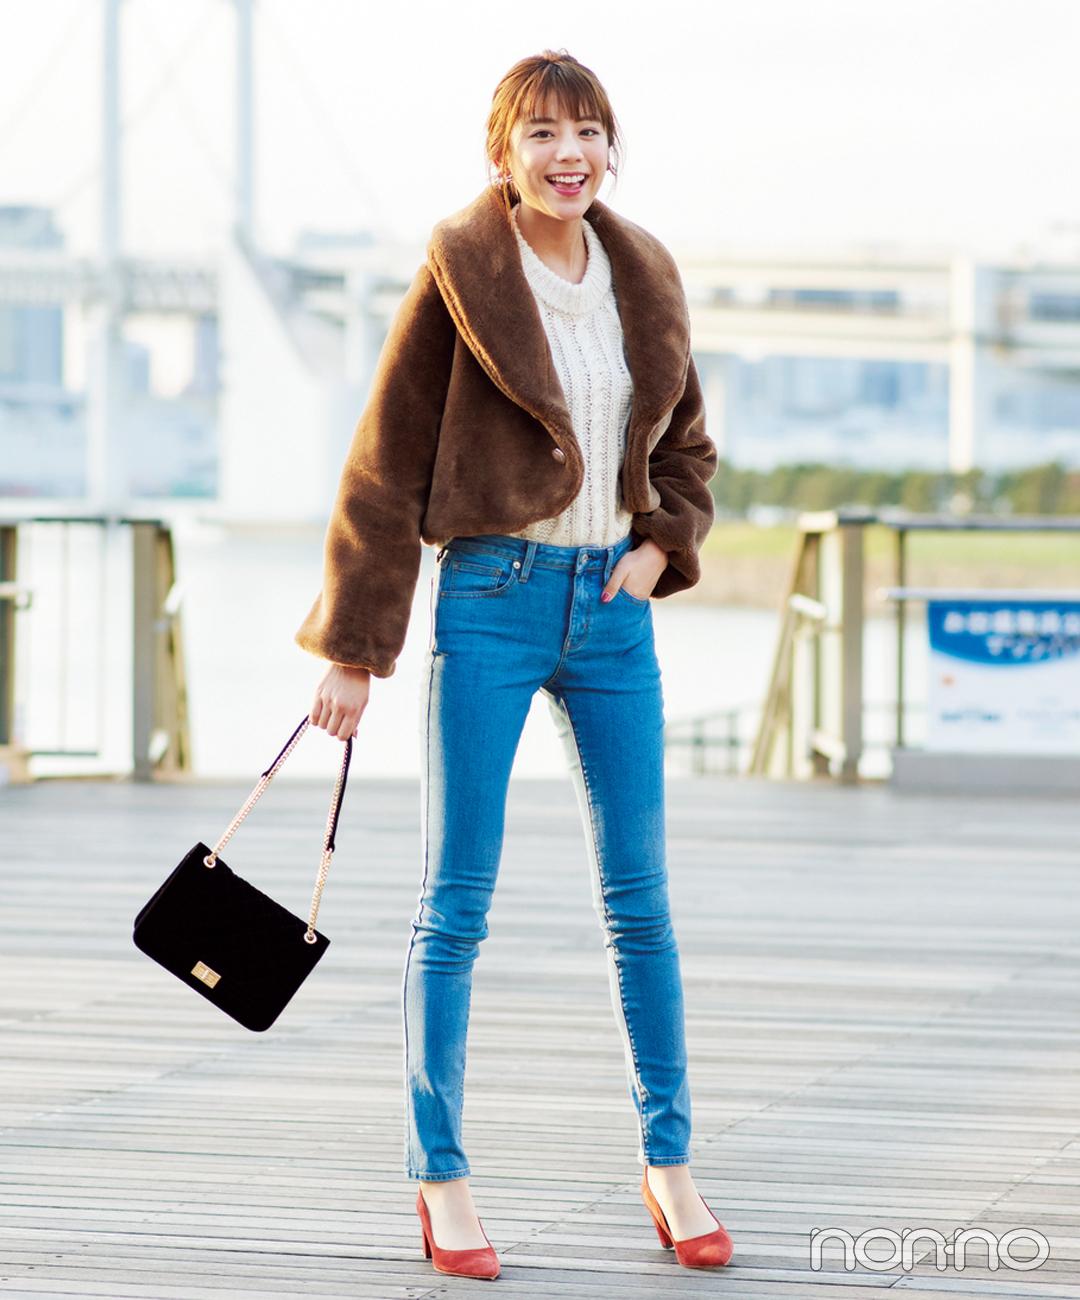 人気のファーコートはショート丈でアクティブな雰囲気に!【毎日コーデ】